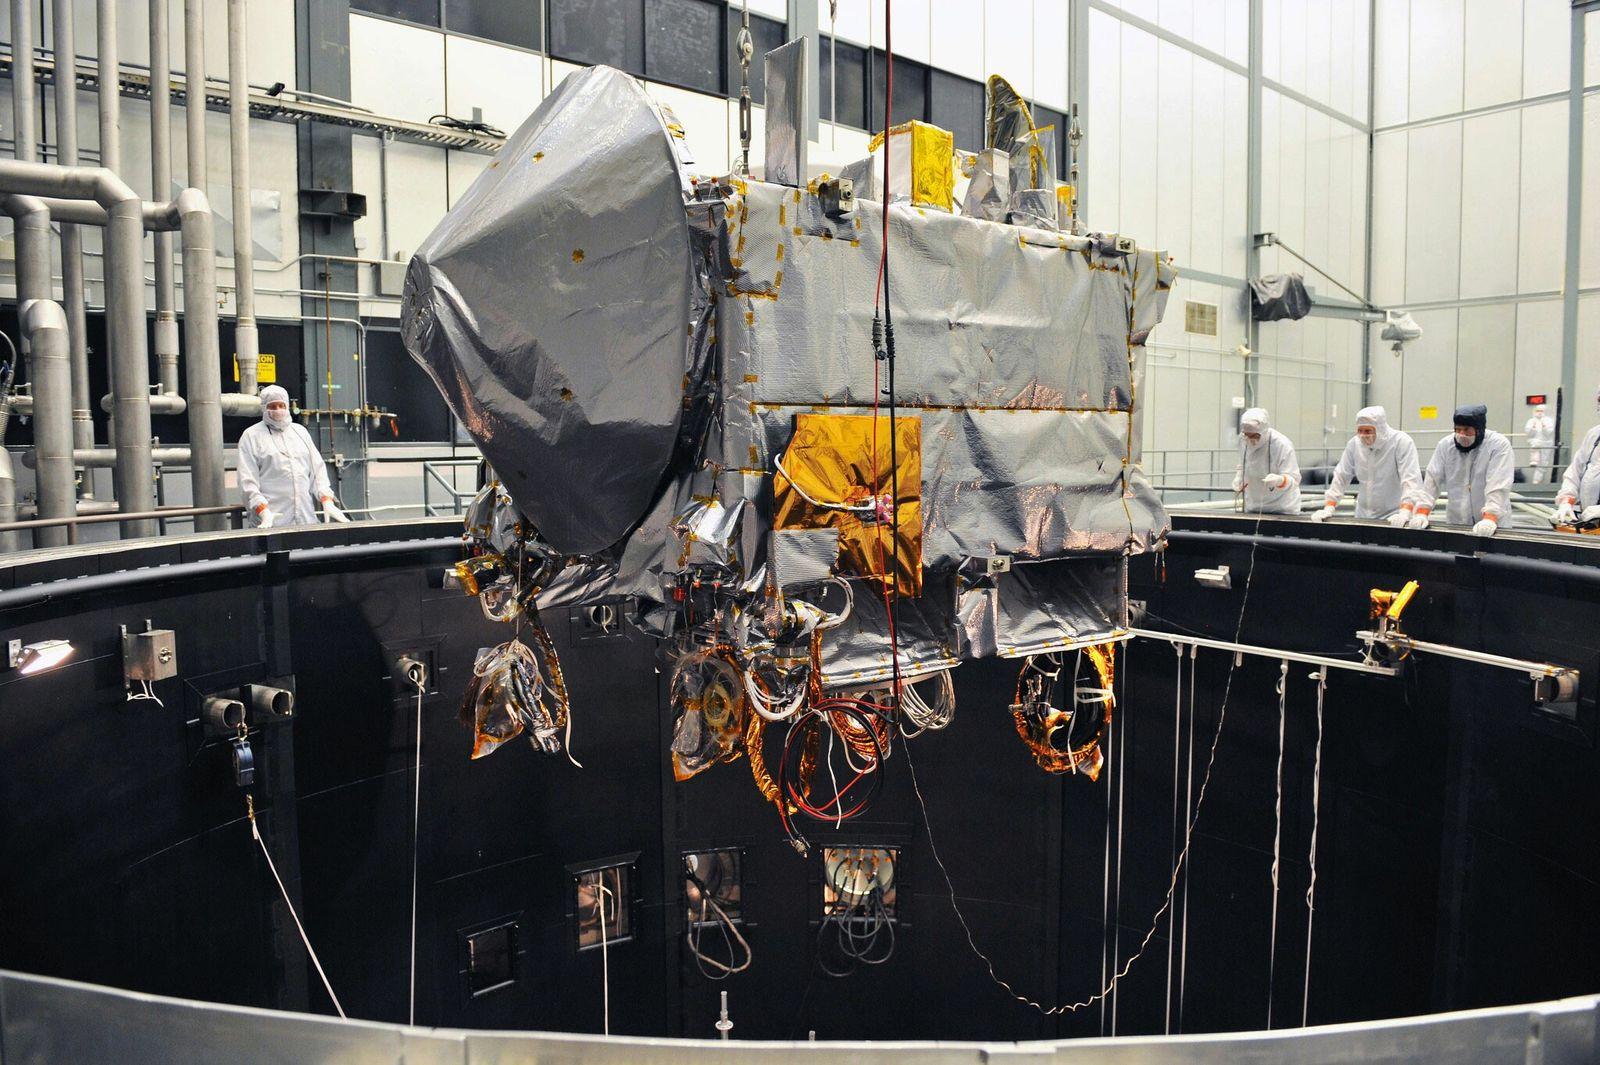 No dia 11 de fevereiro de 2016, a OSIRIS-REx fez testes ambientais numa câmara térmica de ...